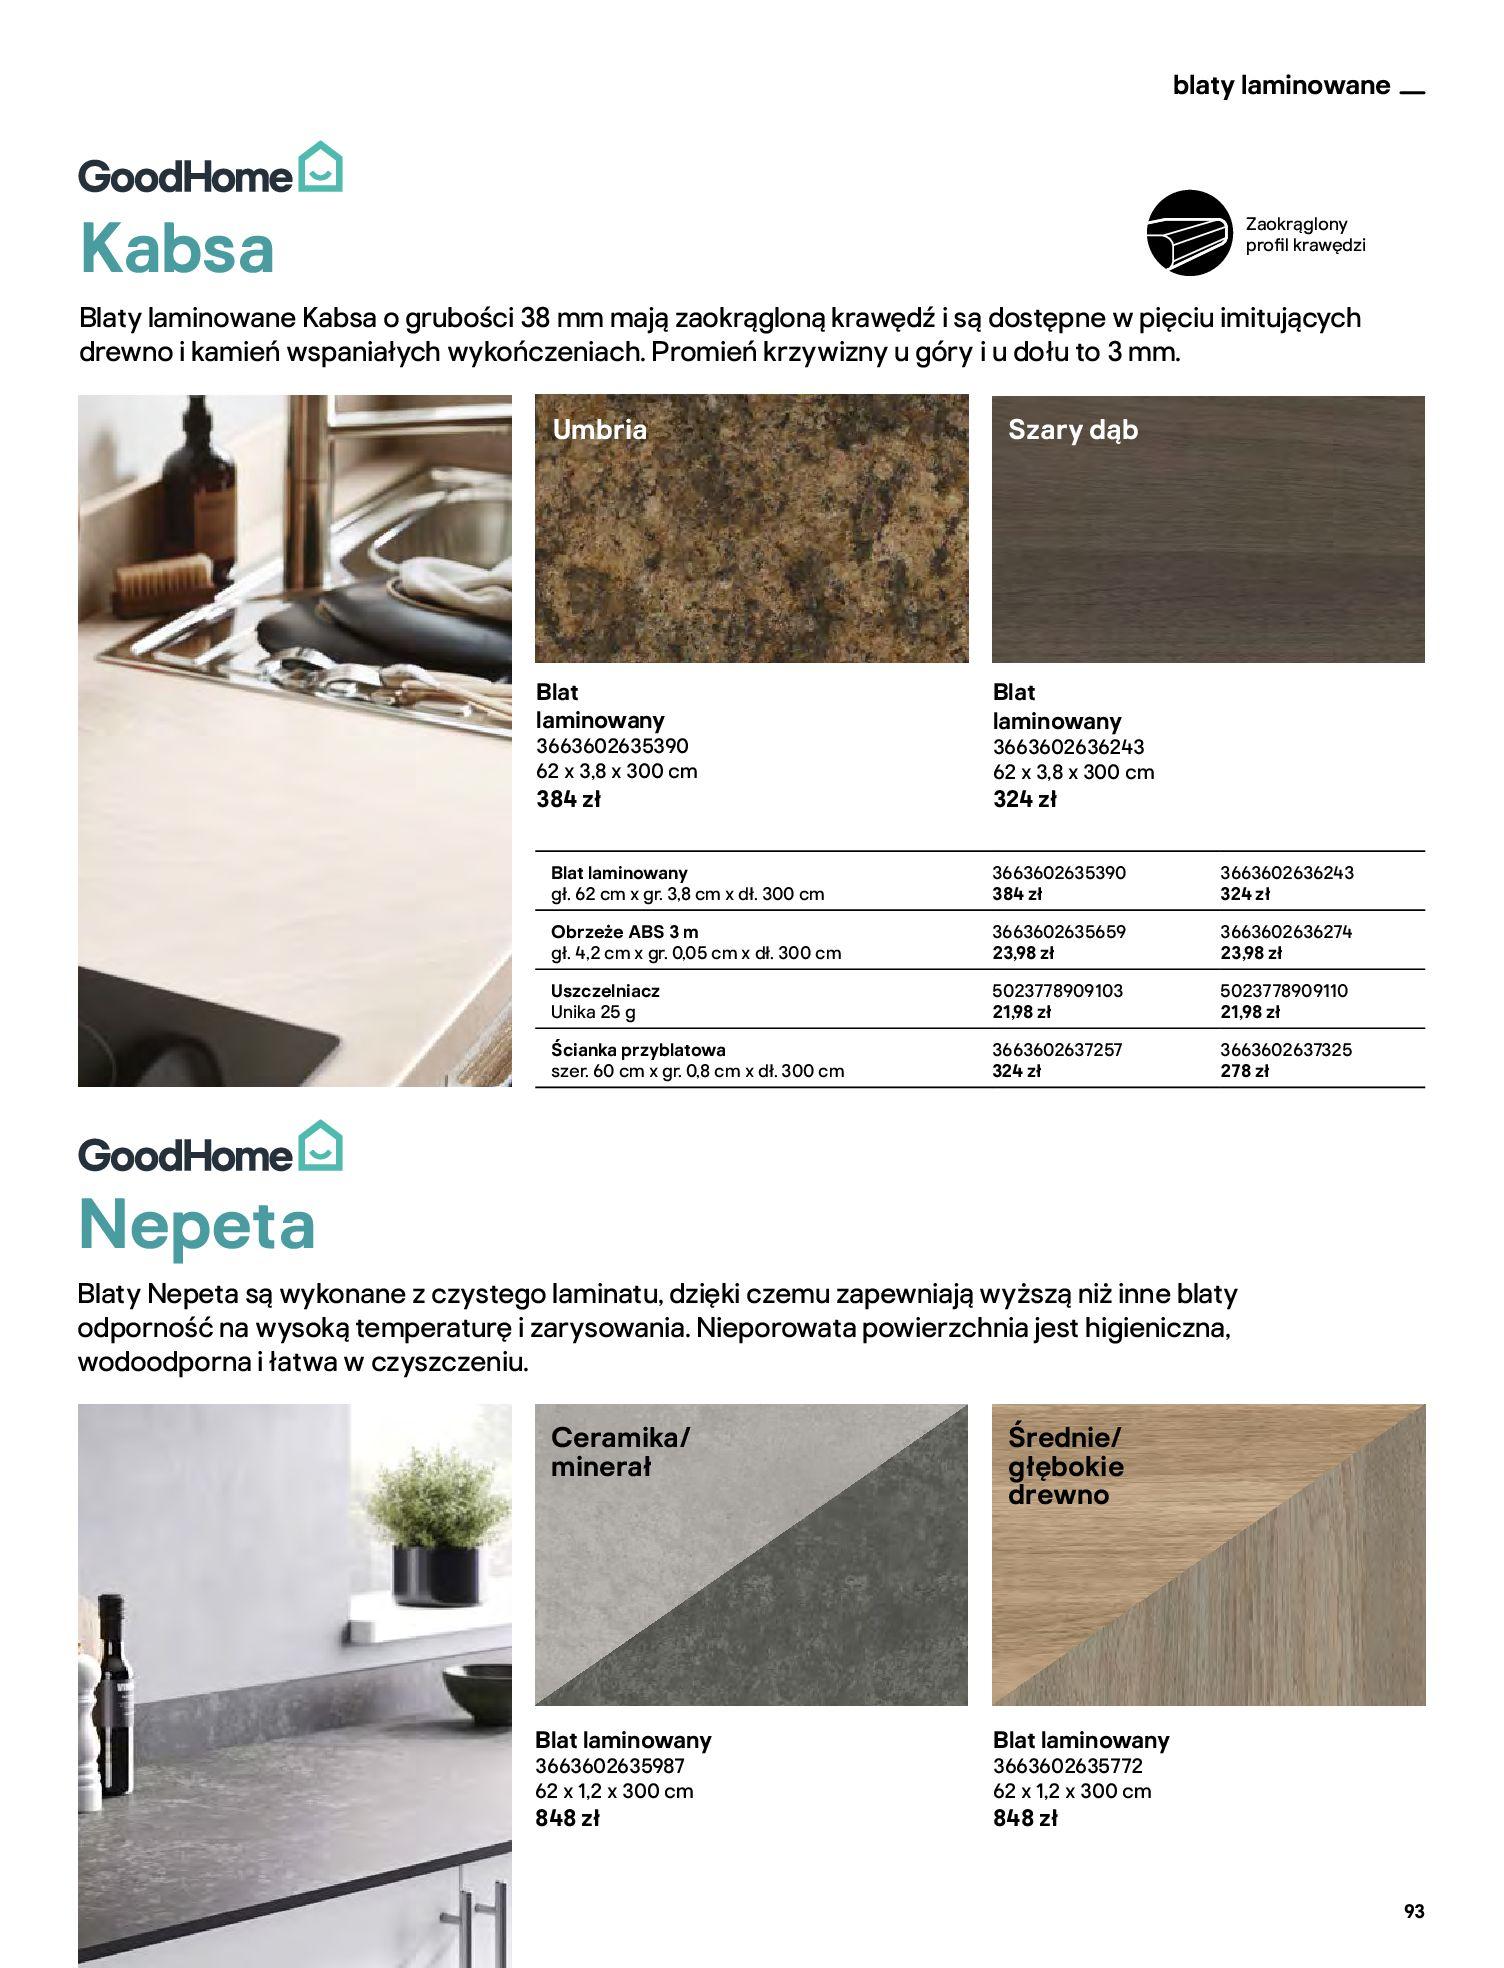 Gazetka Castorama: Katalog kuchnie 2021 2021-05-04 page-93